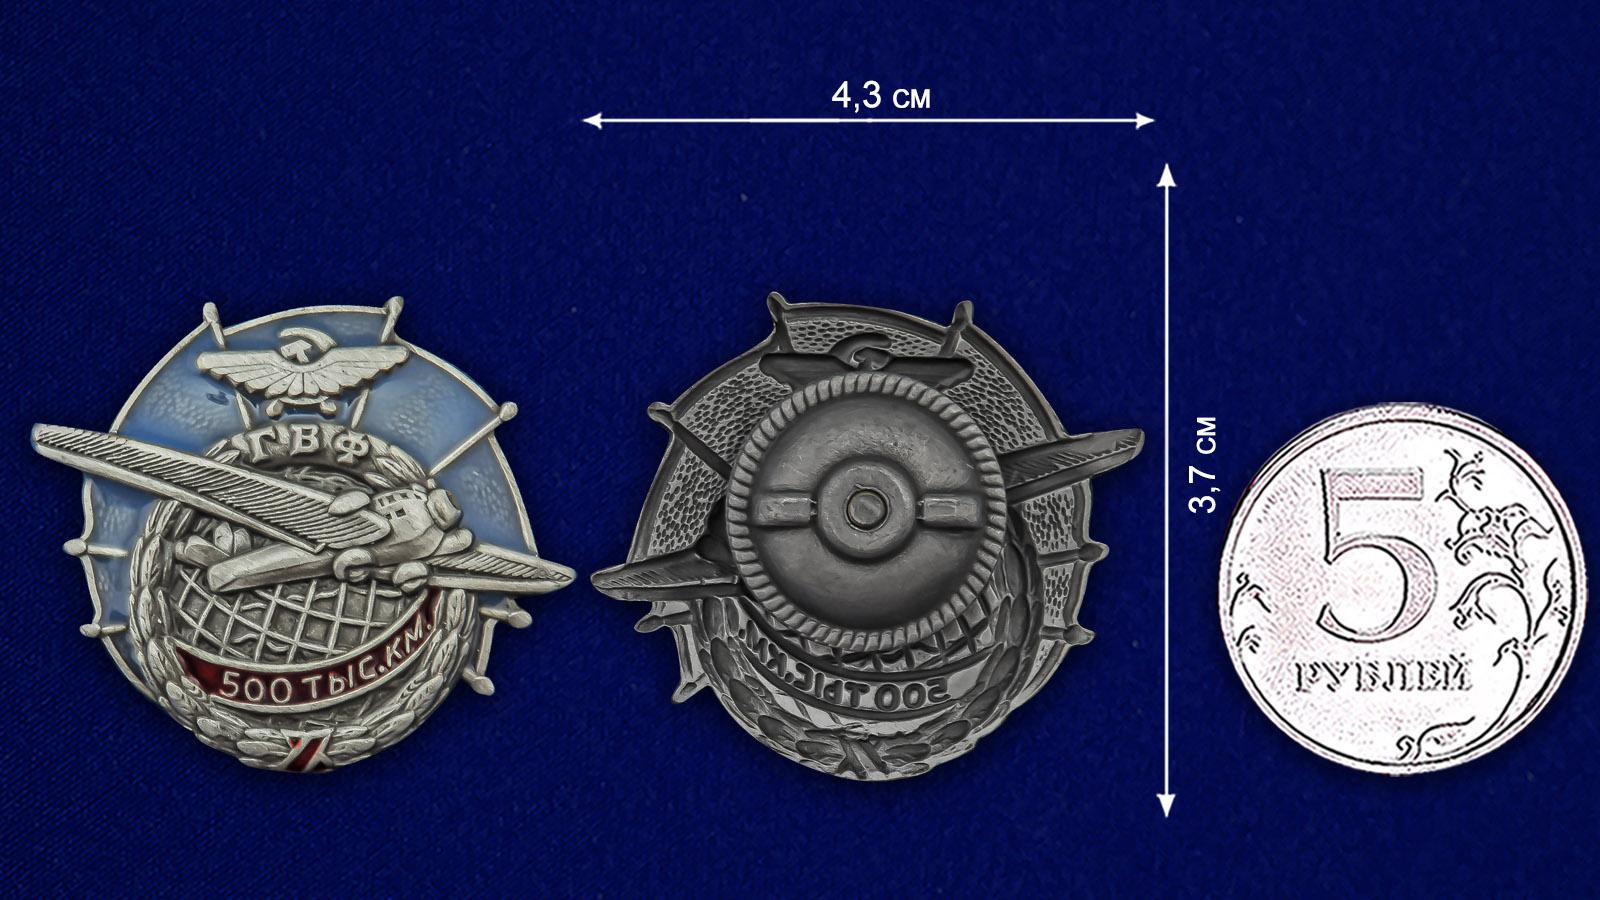 Знак ГВФ АНТ-9 За налёт 500 тыс. км - размер